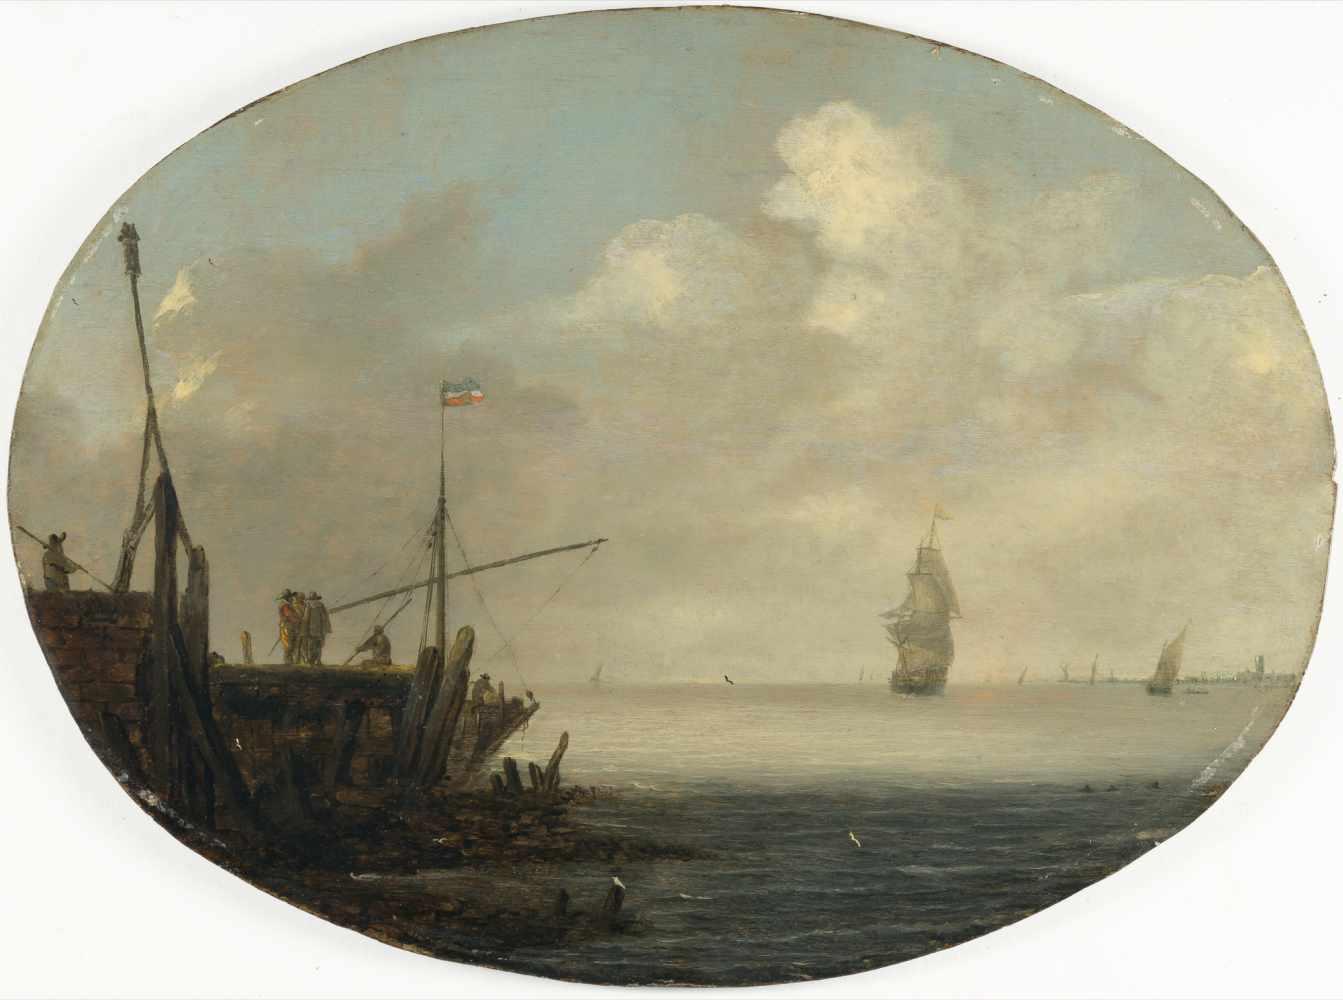 Lot 13 - NiederländischSchiffe auf ruhiger See, links eine Landungsstelle aus PfahlwerkÖl auf Holz. (Um